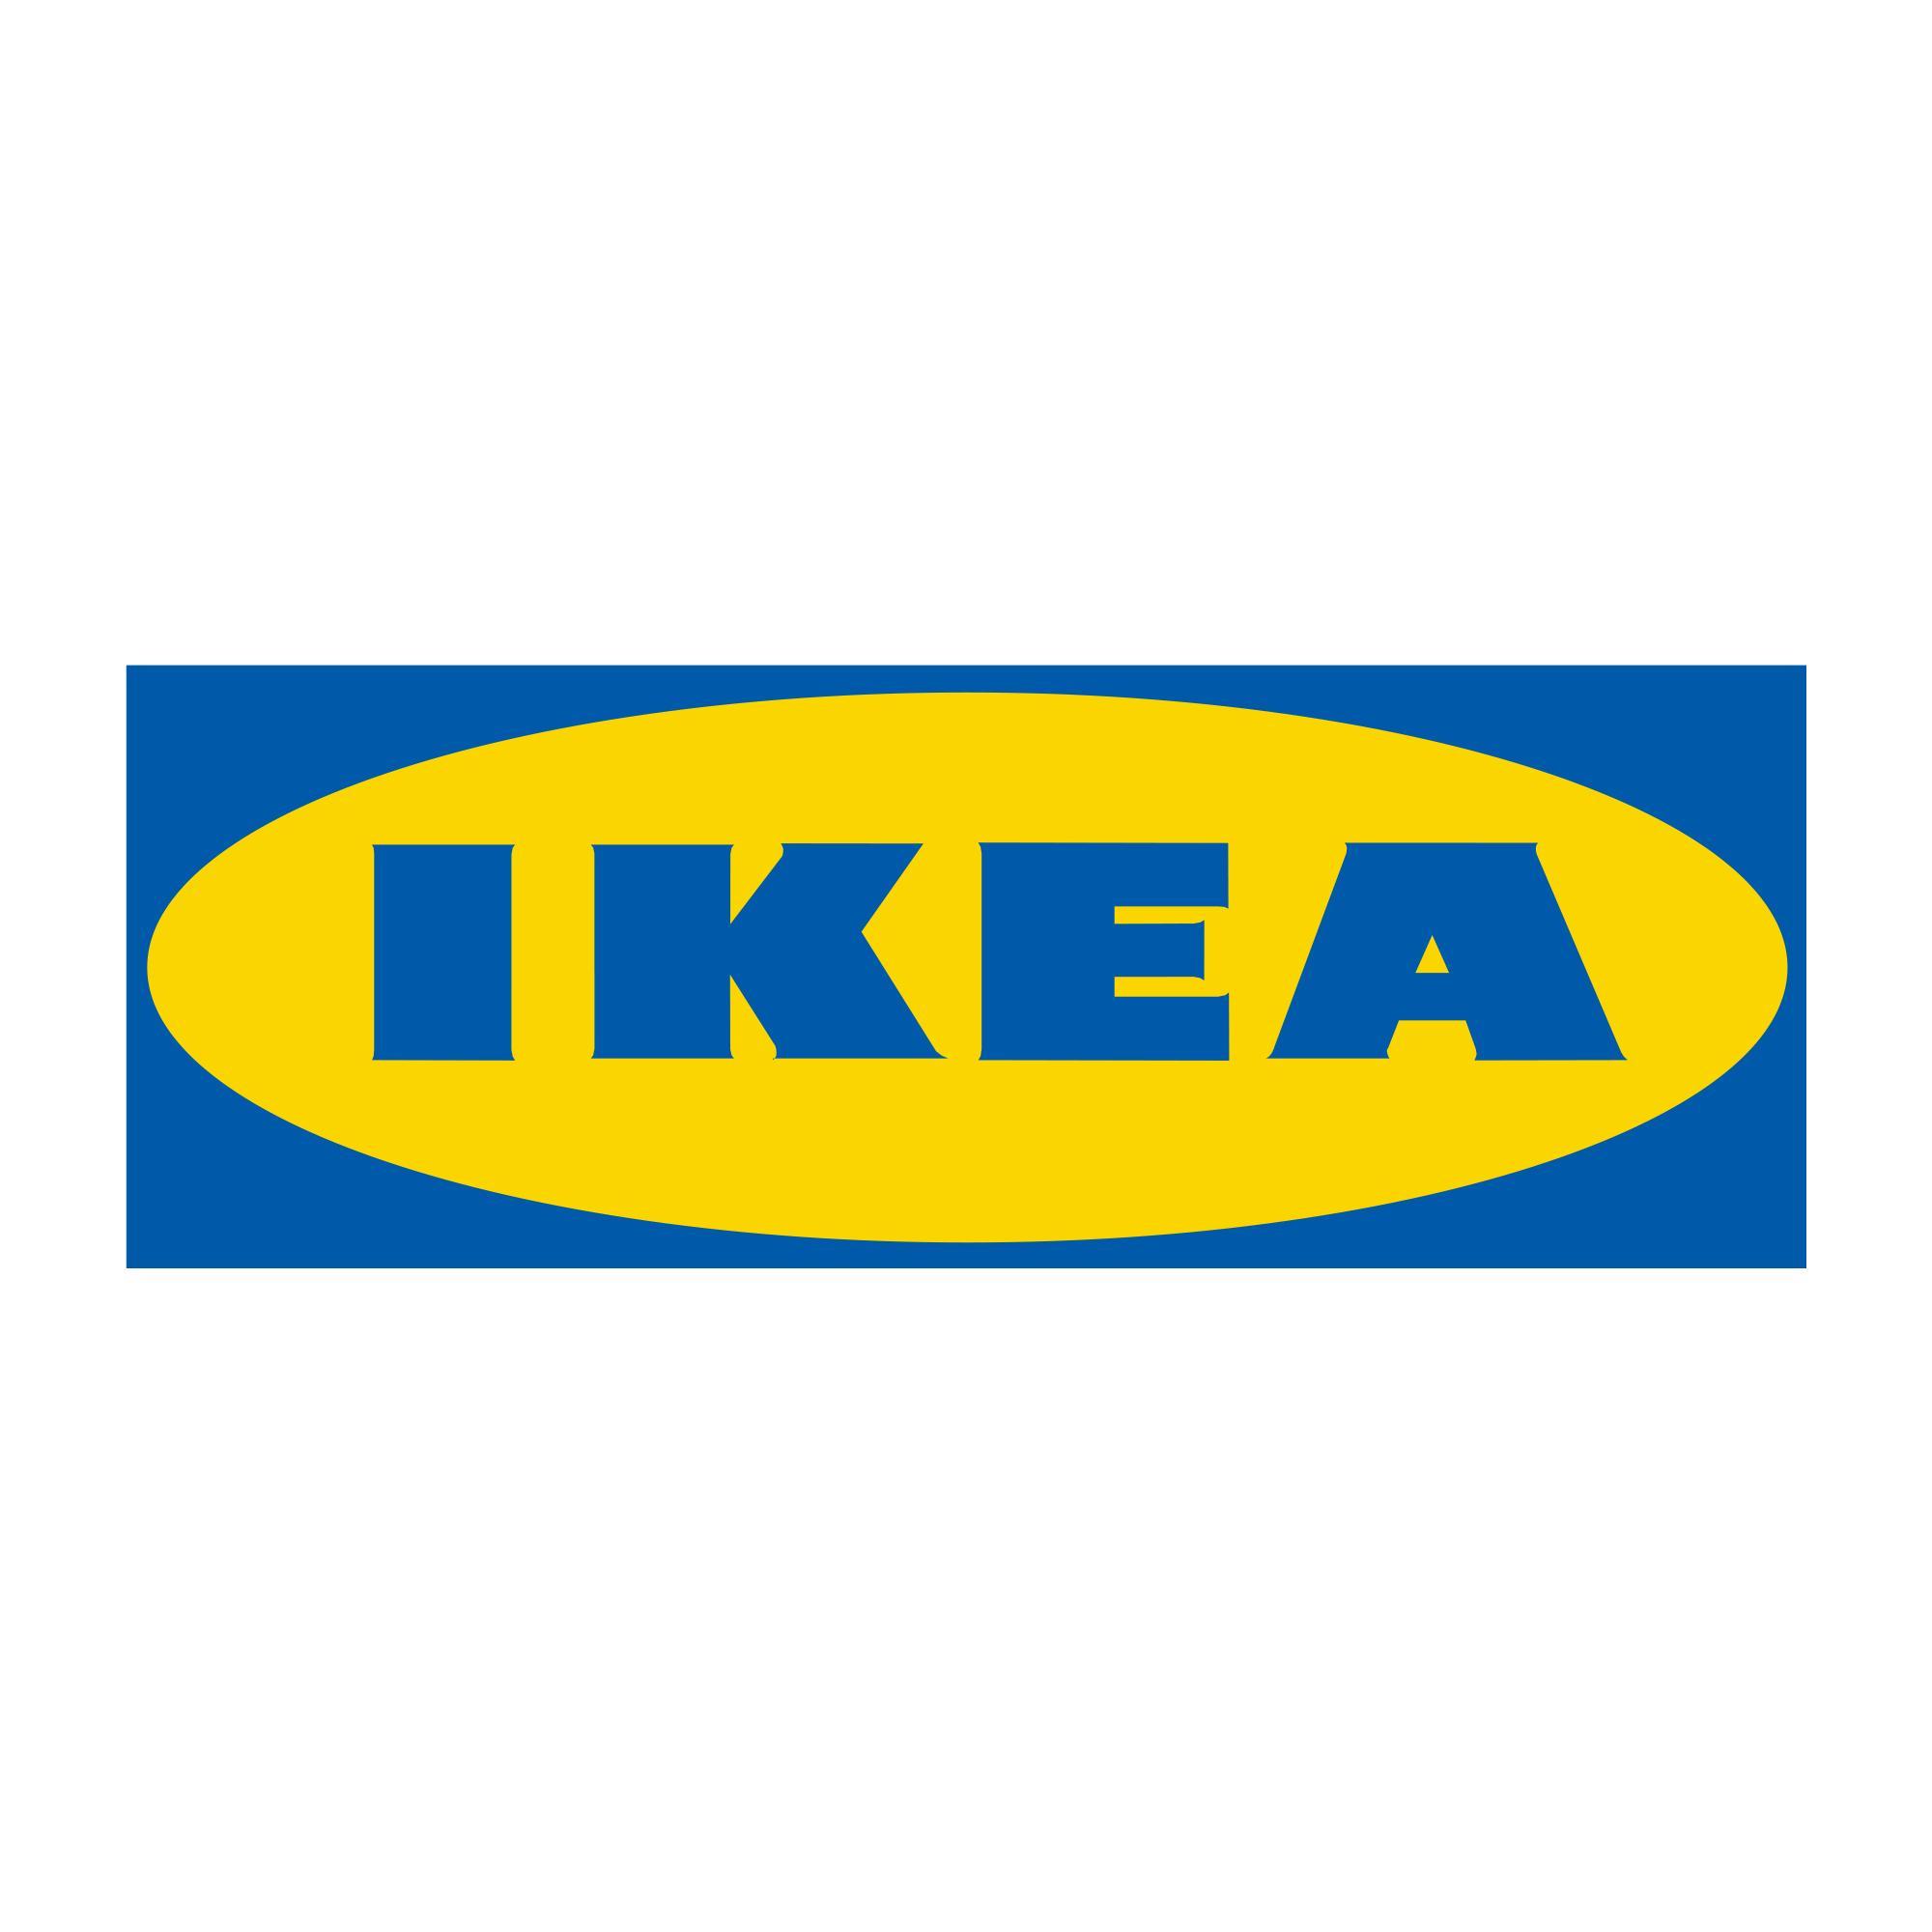 [Ikea Family] Addition au Restaurant ou Courses à l'épicerie 100% remboursées en Bon dès 25€ d'achats - Limite de 50€ maximum